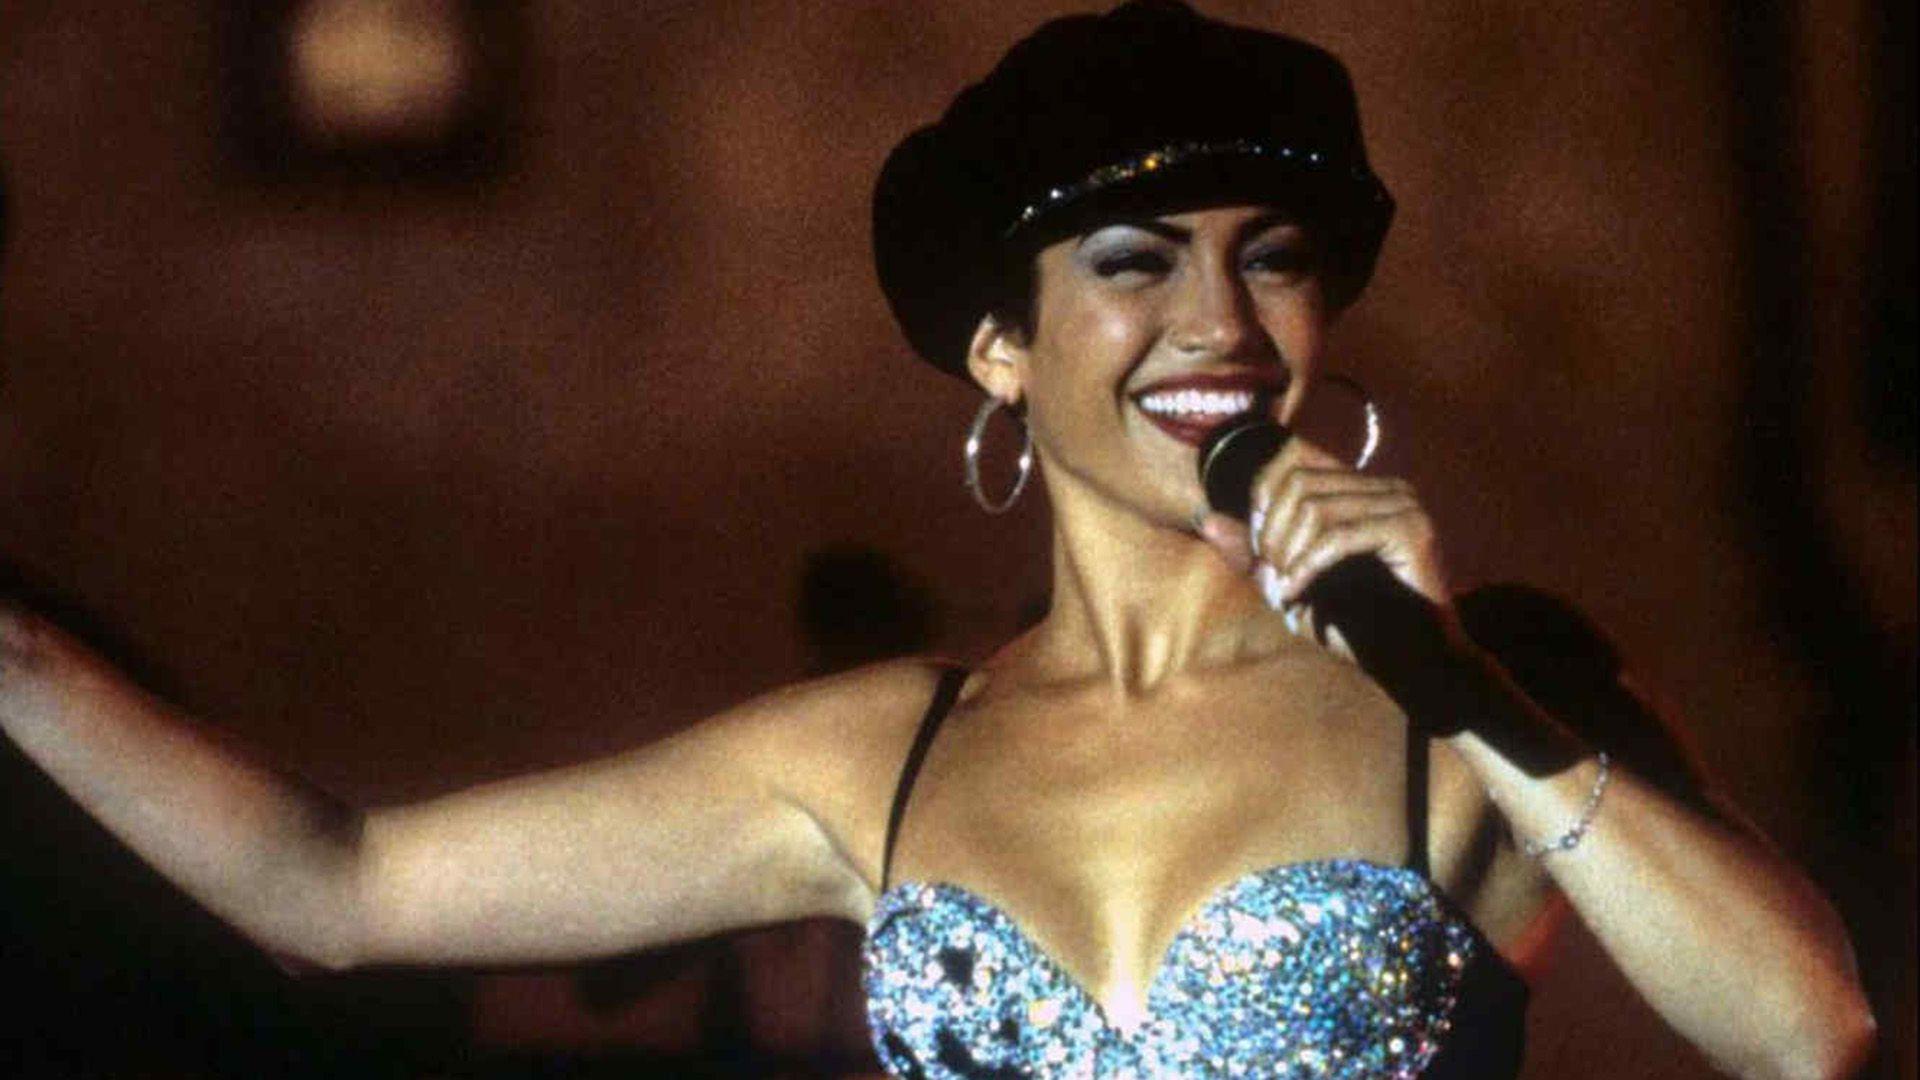 La cinta que protagonizó JL es una de las más recordadas por los fans de la cantante debido a su interpretación